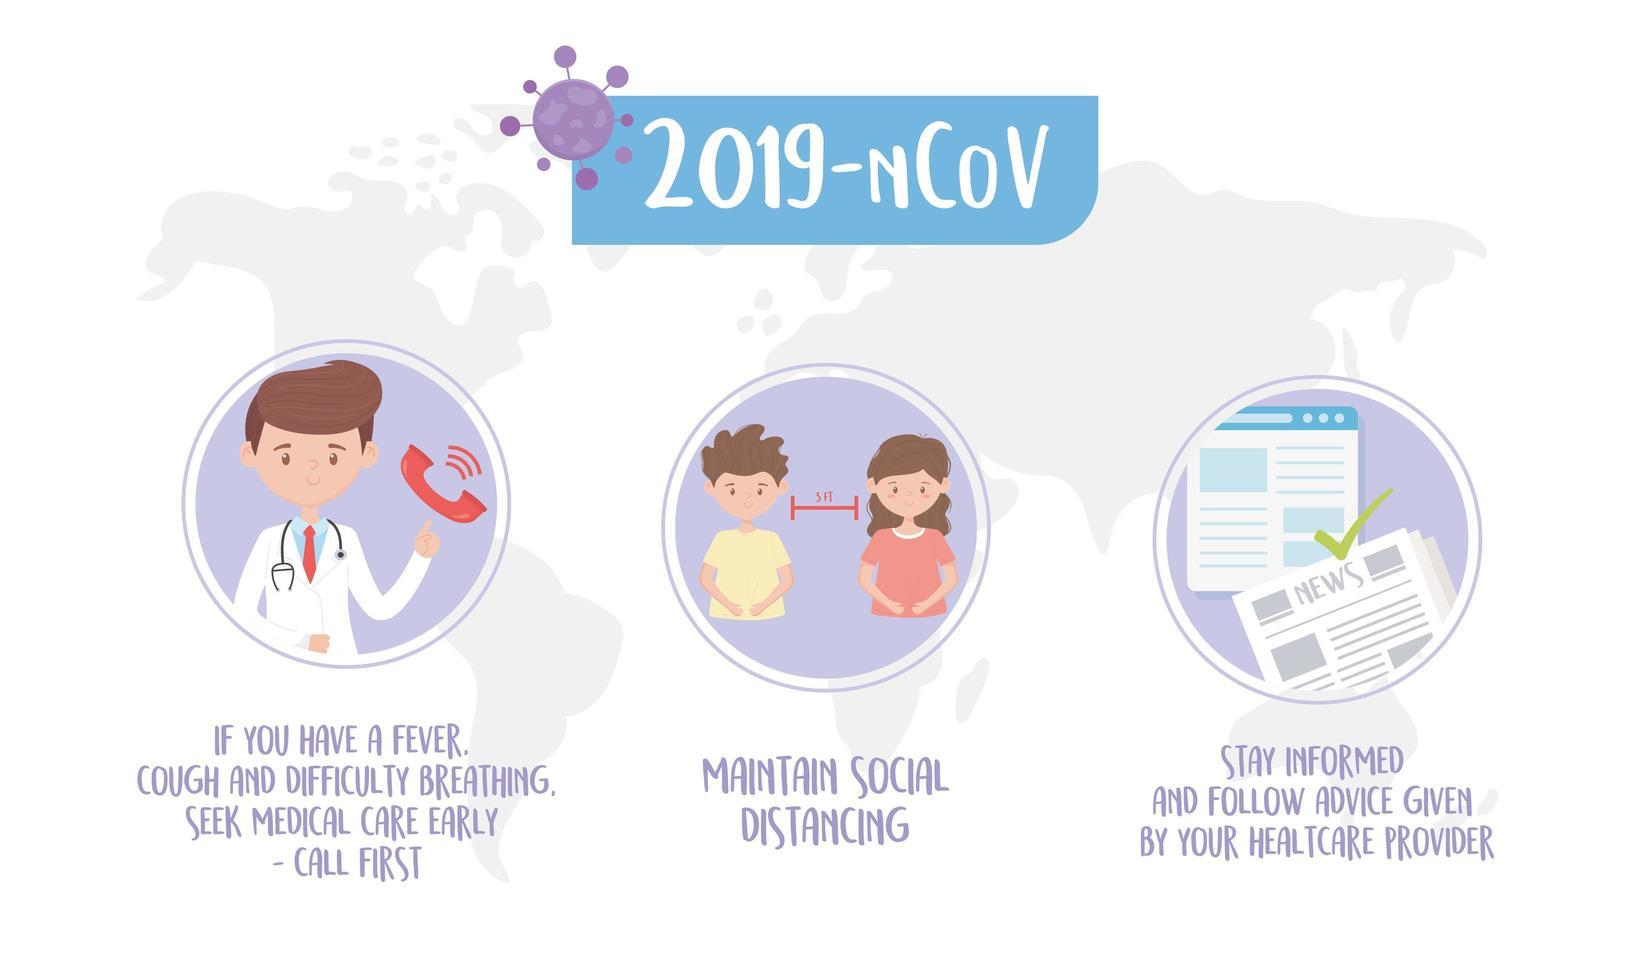 banner de consejos de salud para la prevención del coronavirus vector